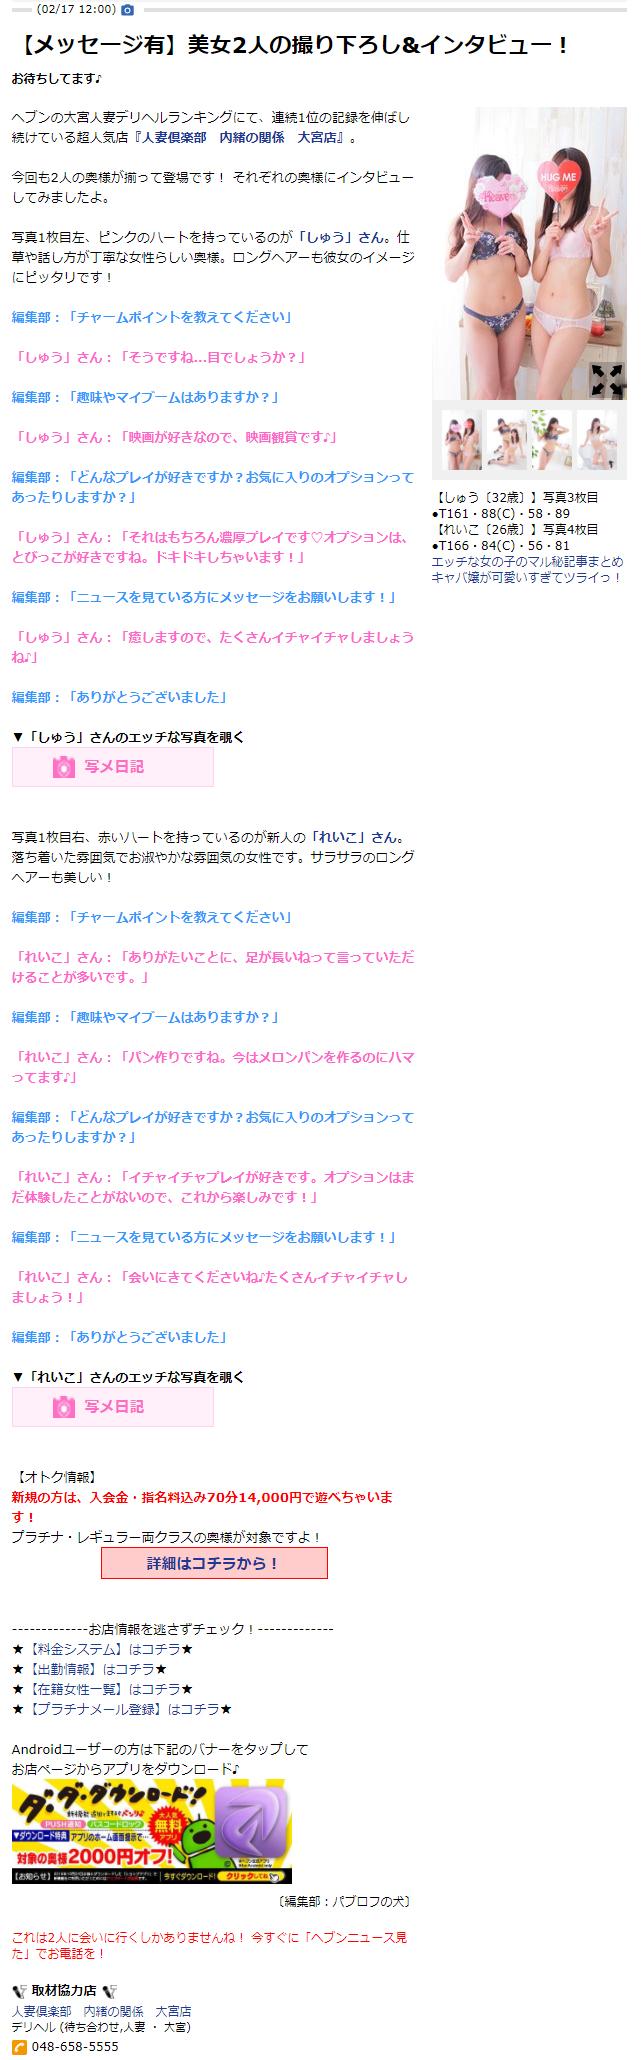 ヘブンニュース2018-02-17_内緒大宮